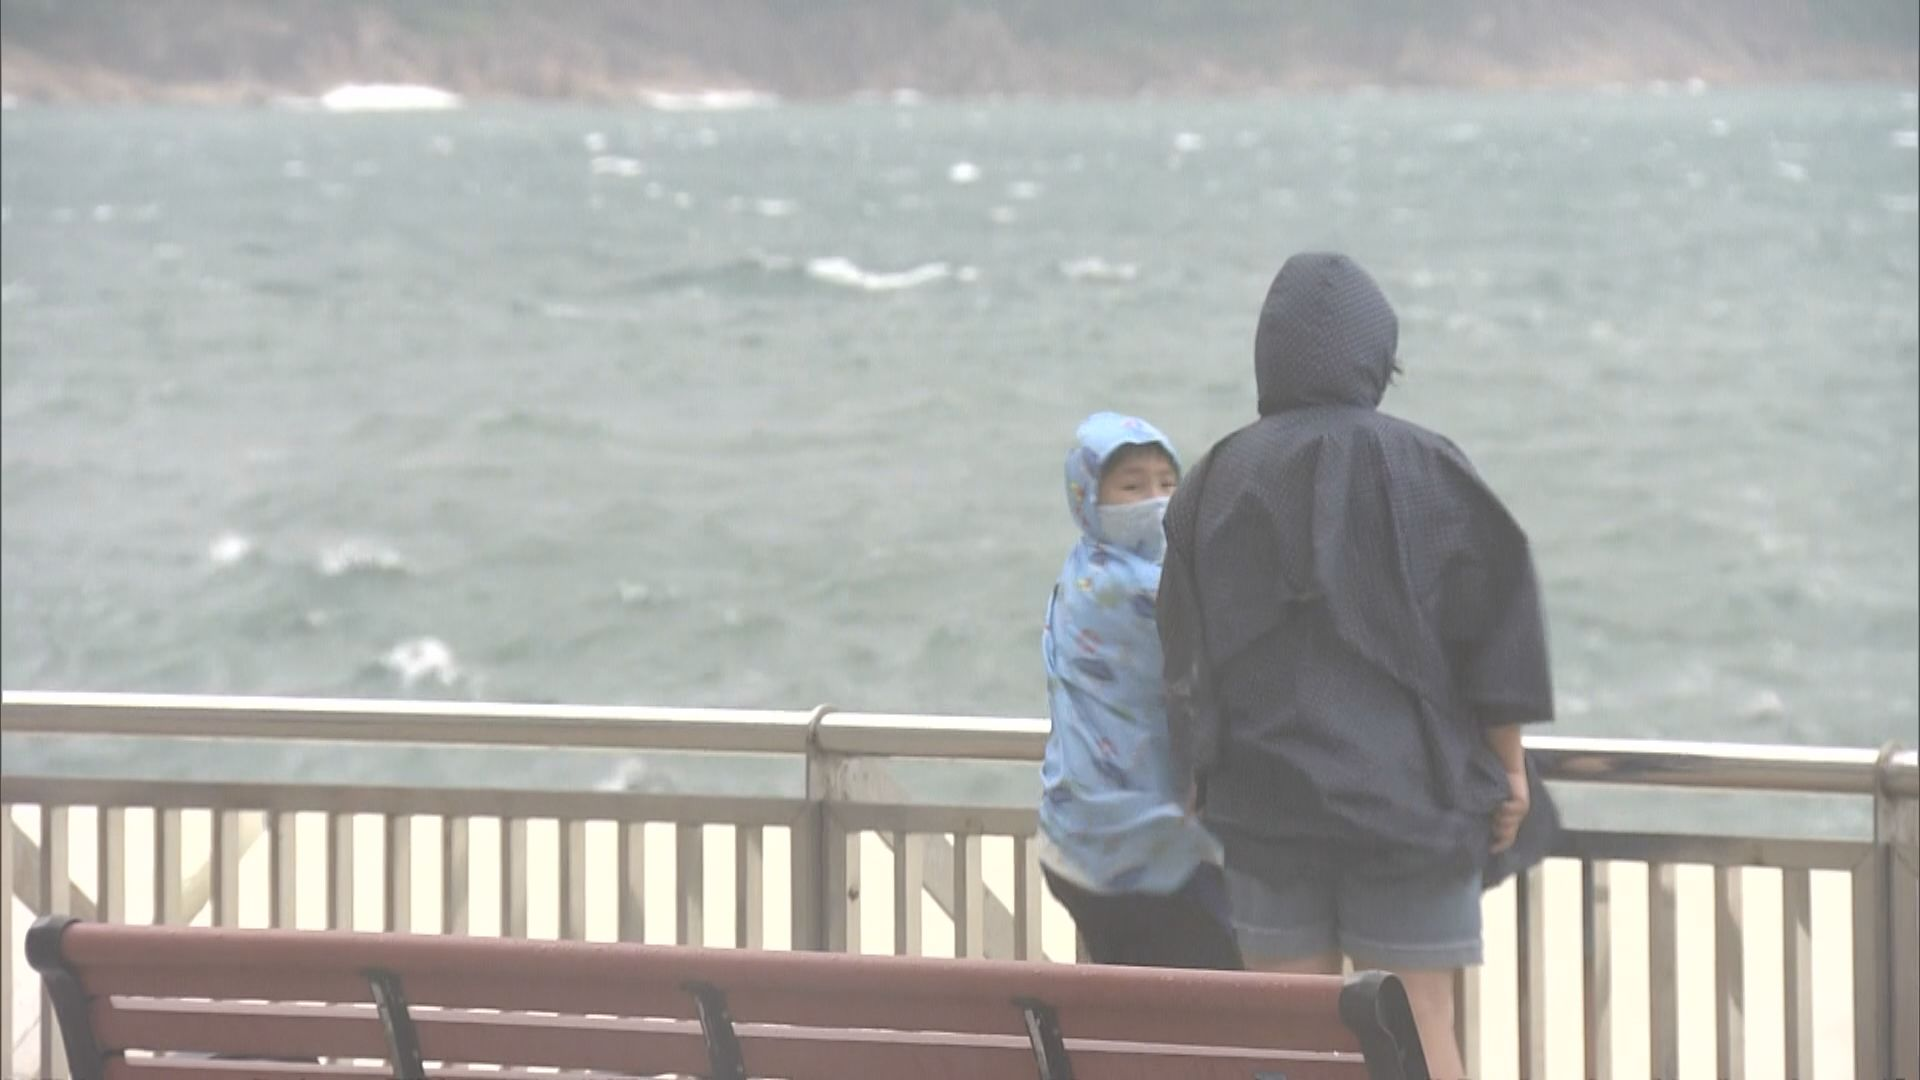 化驗服務受風暴影響 本港未有新增確診個案